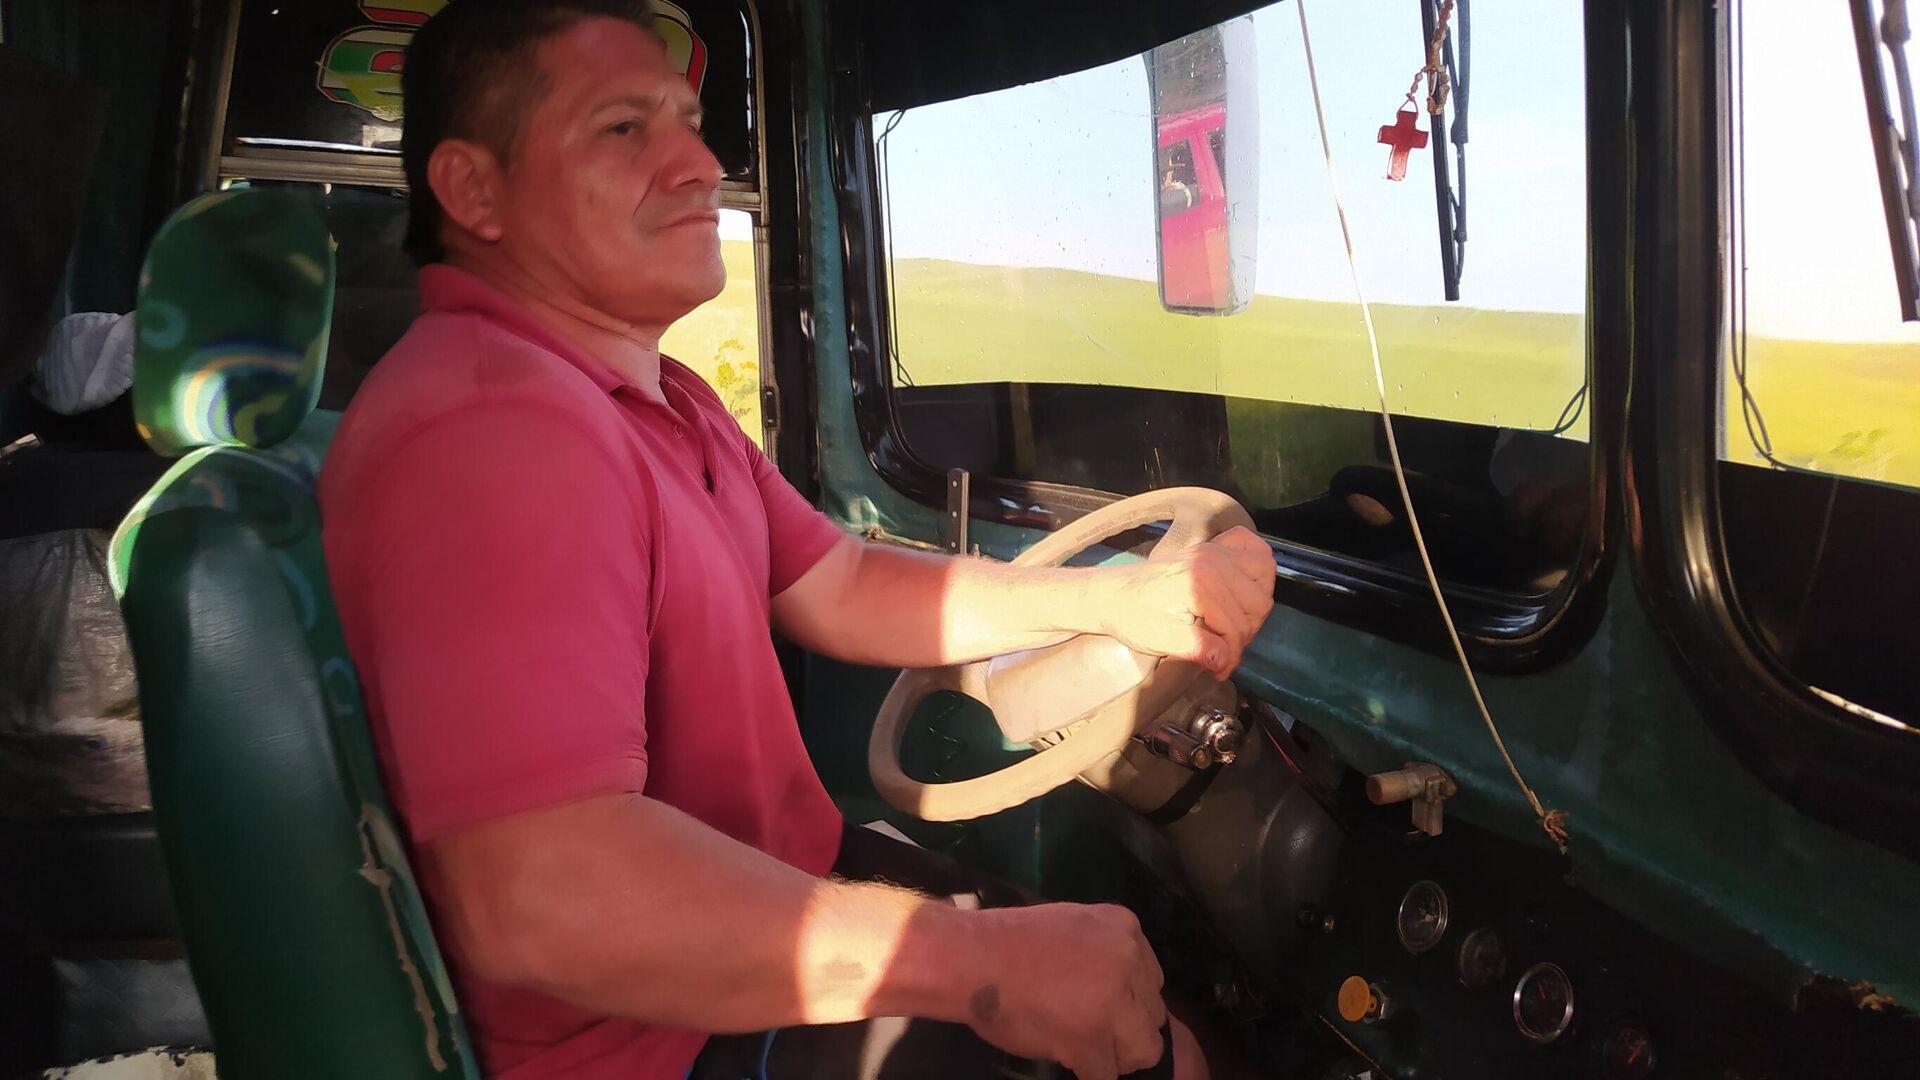 Néstor, o Don Tomate, lleva más de media vida trochando caminos en los lejanos llanos de Colombia - Sputnik Mundo, 1920, 21.04.2021